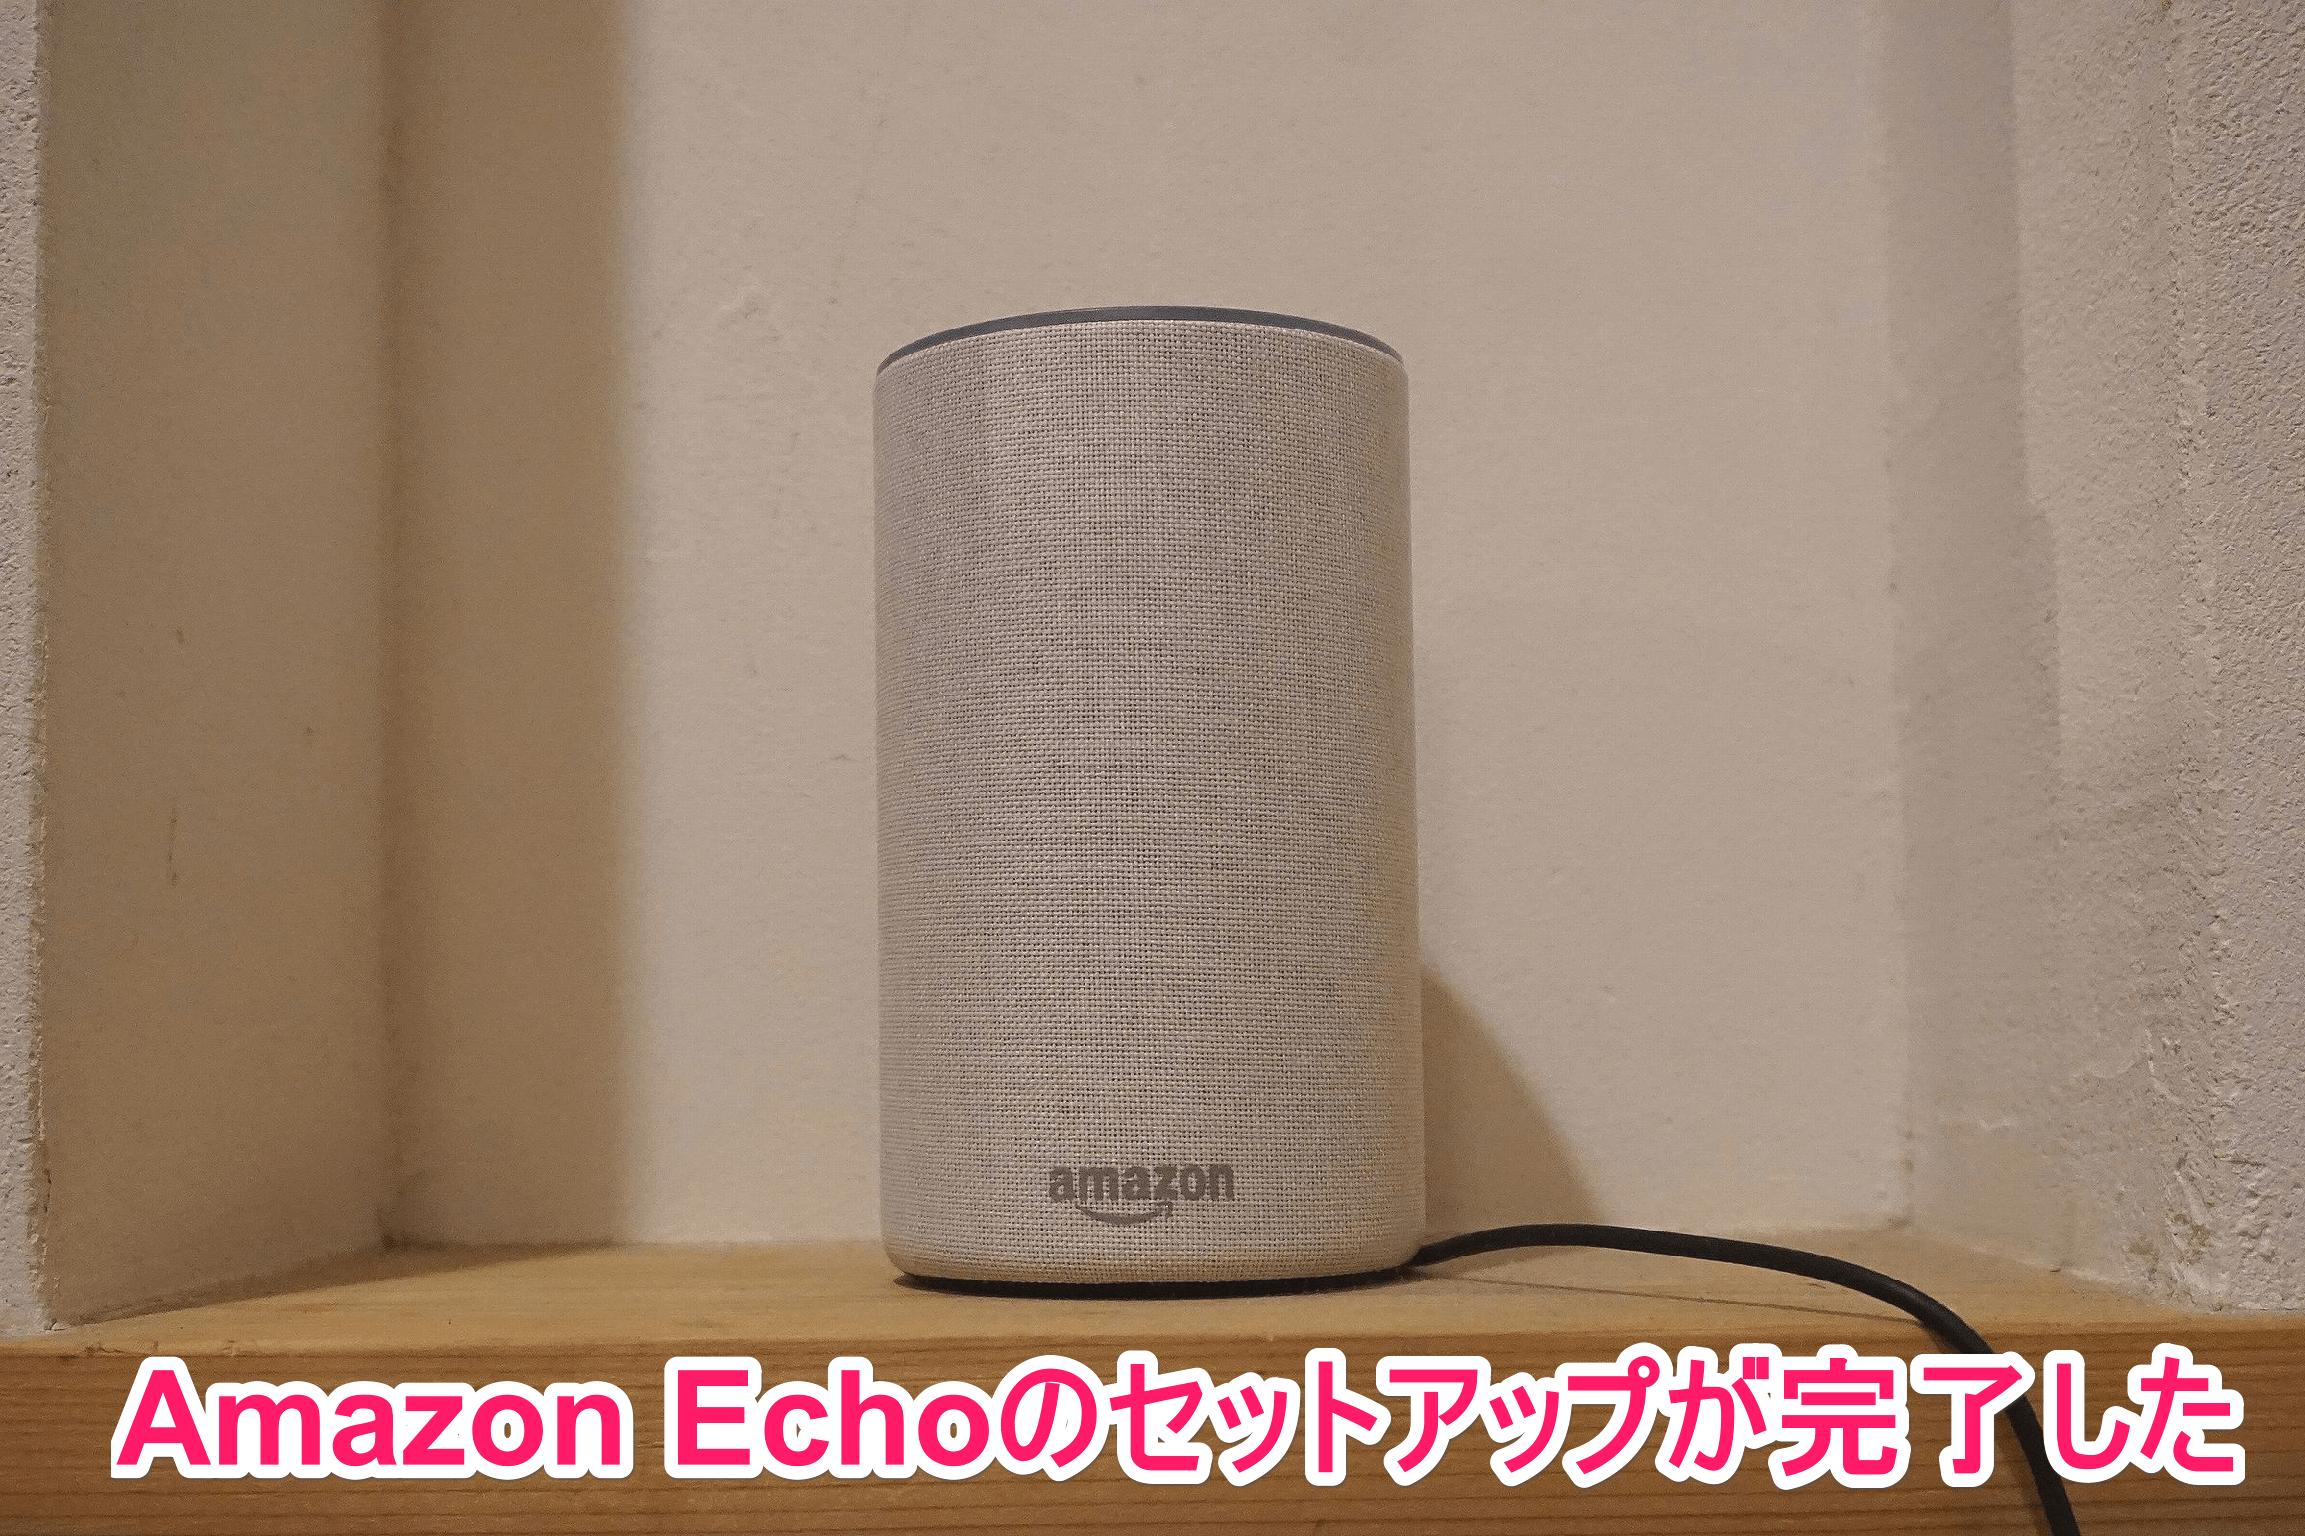 初期設定(セットアップ)が完了したAmazon Echo(アマゾンエコー)